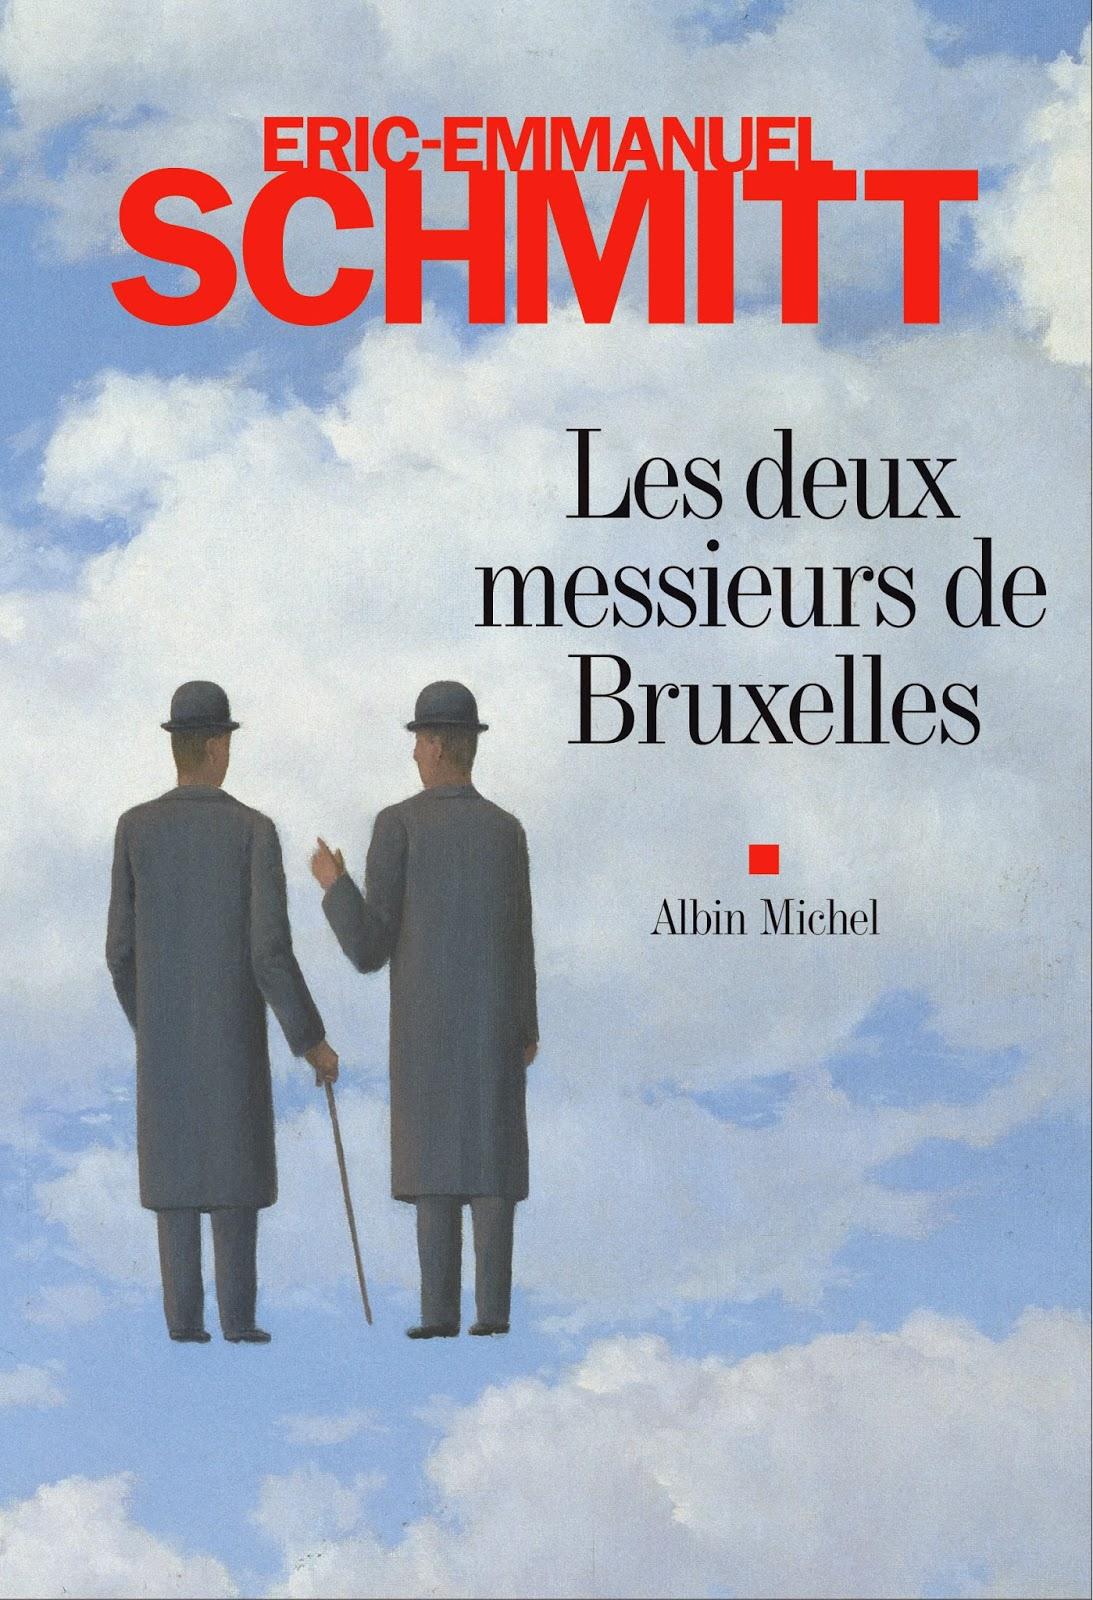 http://lecinemadeslivres.blogspot.fr/2013/09/les-deux-messieurs-de-bruxelles-deric.html